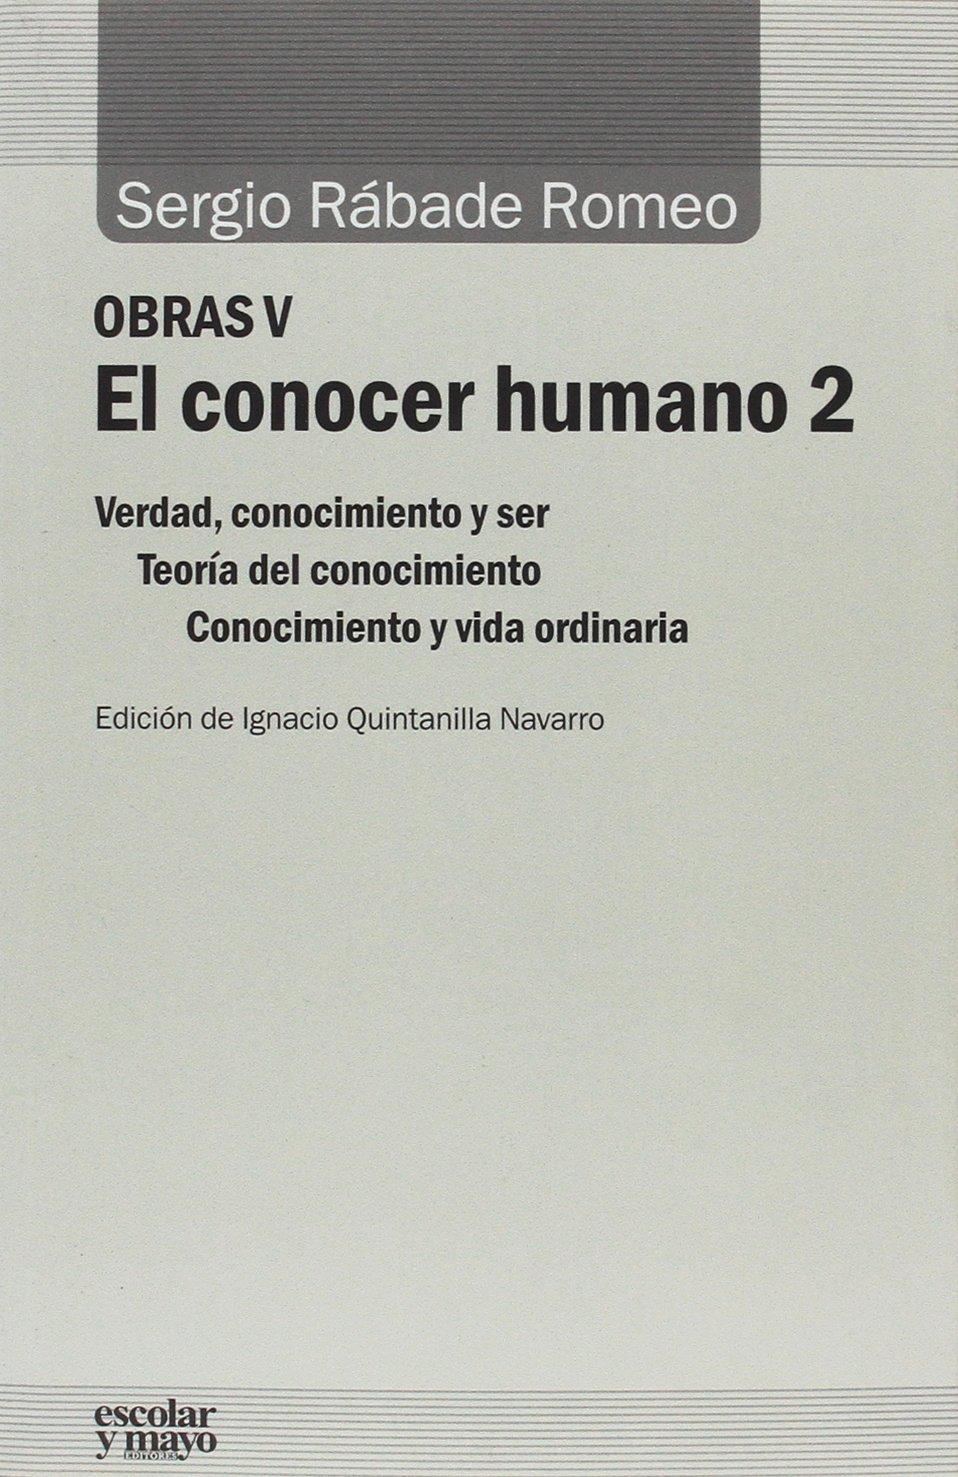 El conocer humano 2. Obras V (Análisis y crítica): Amazon.es: Sergio Rábade Romeo, Ignacio Quintanilla Navarro: Libros